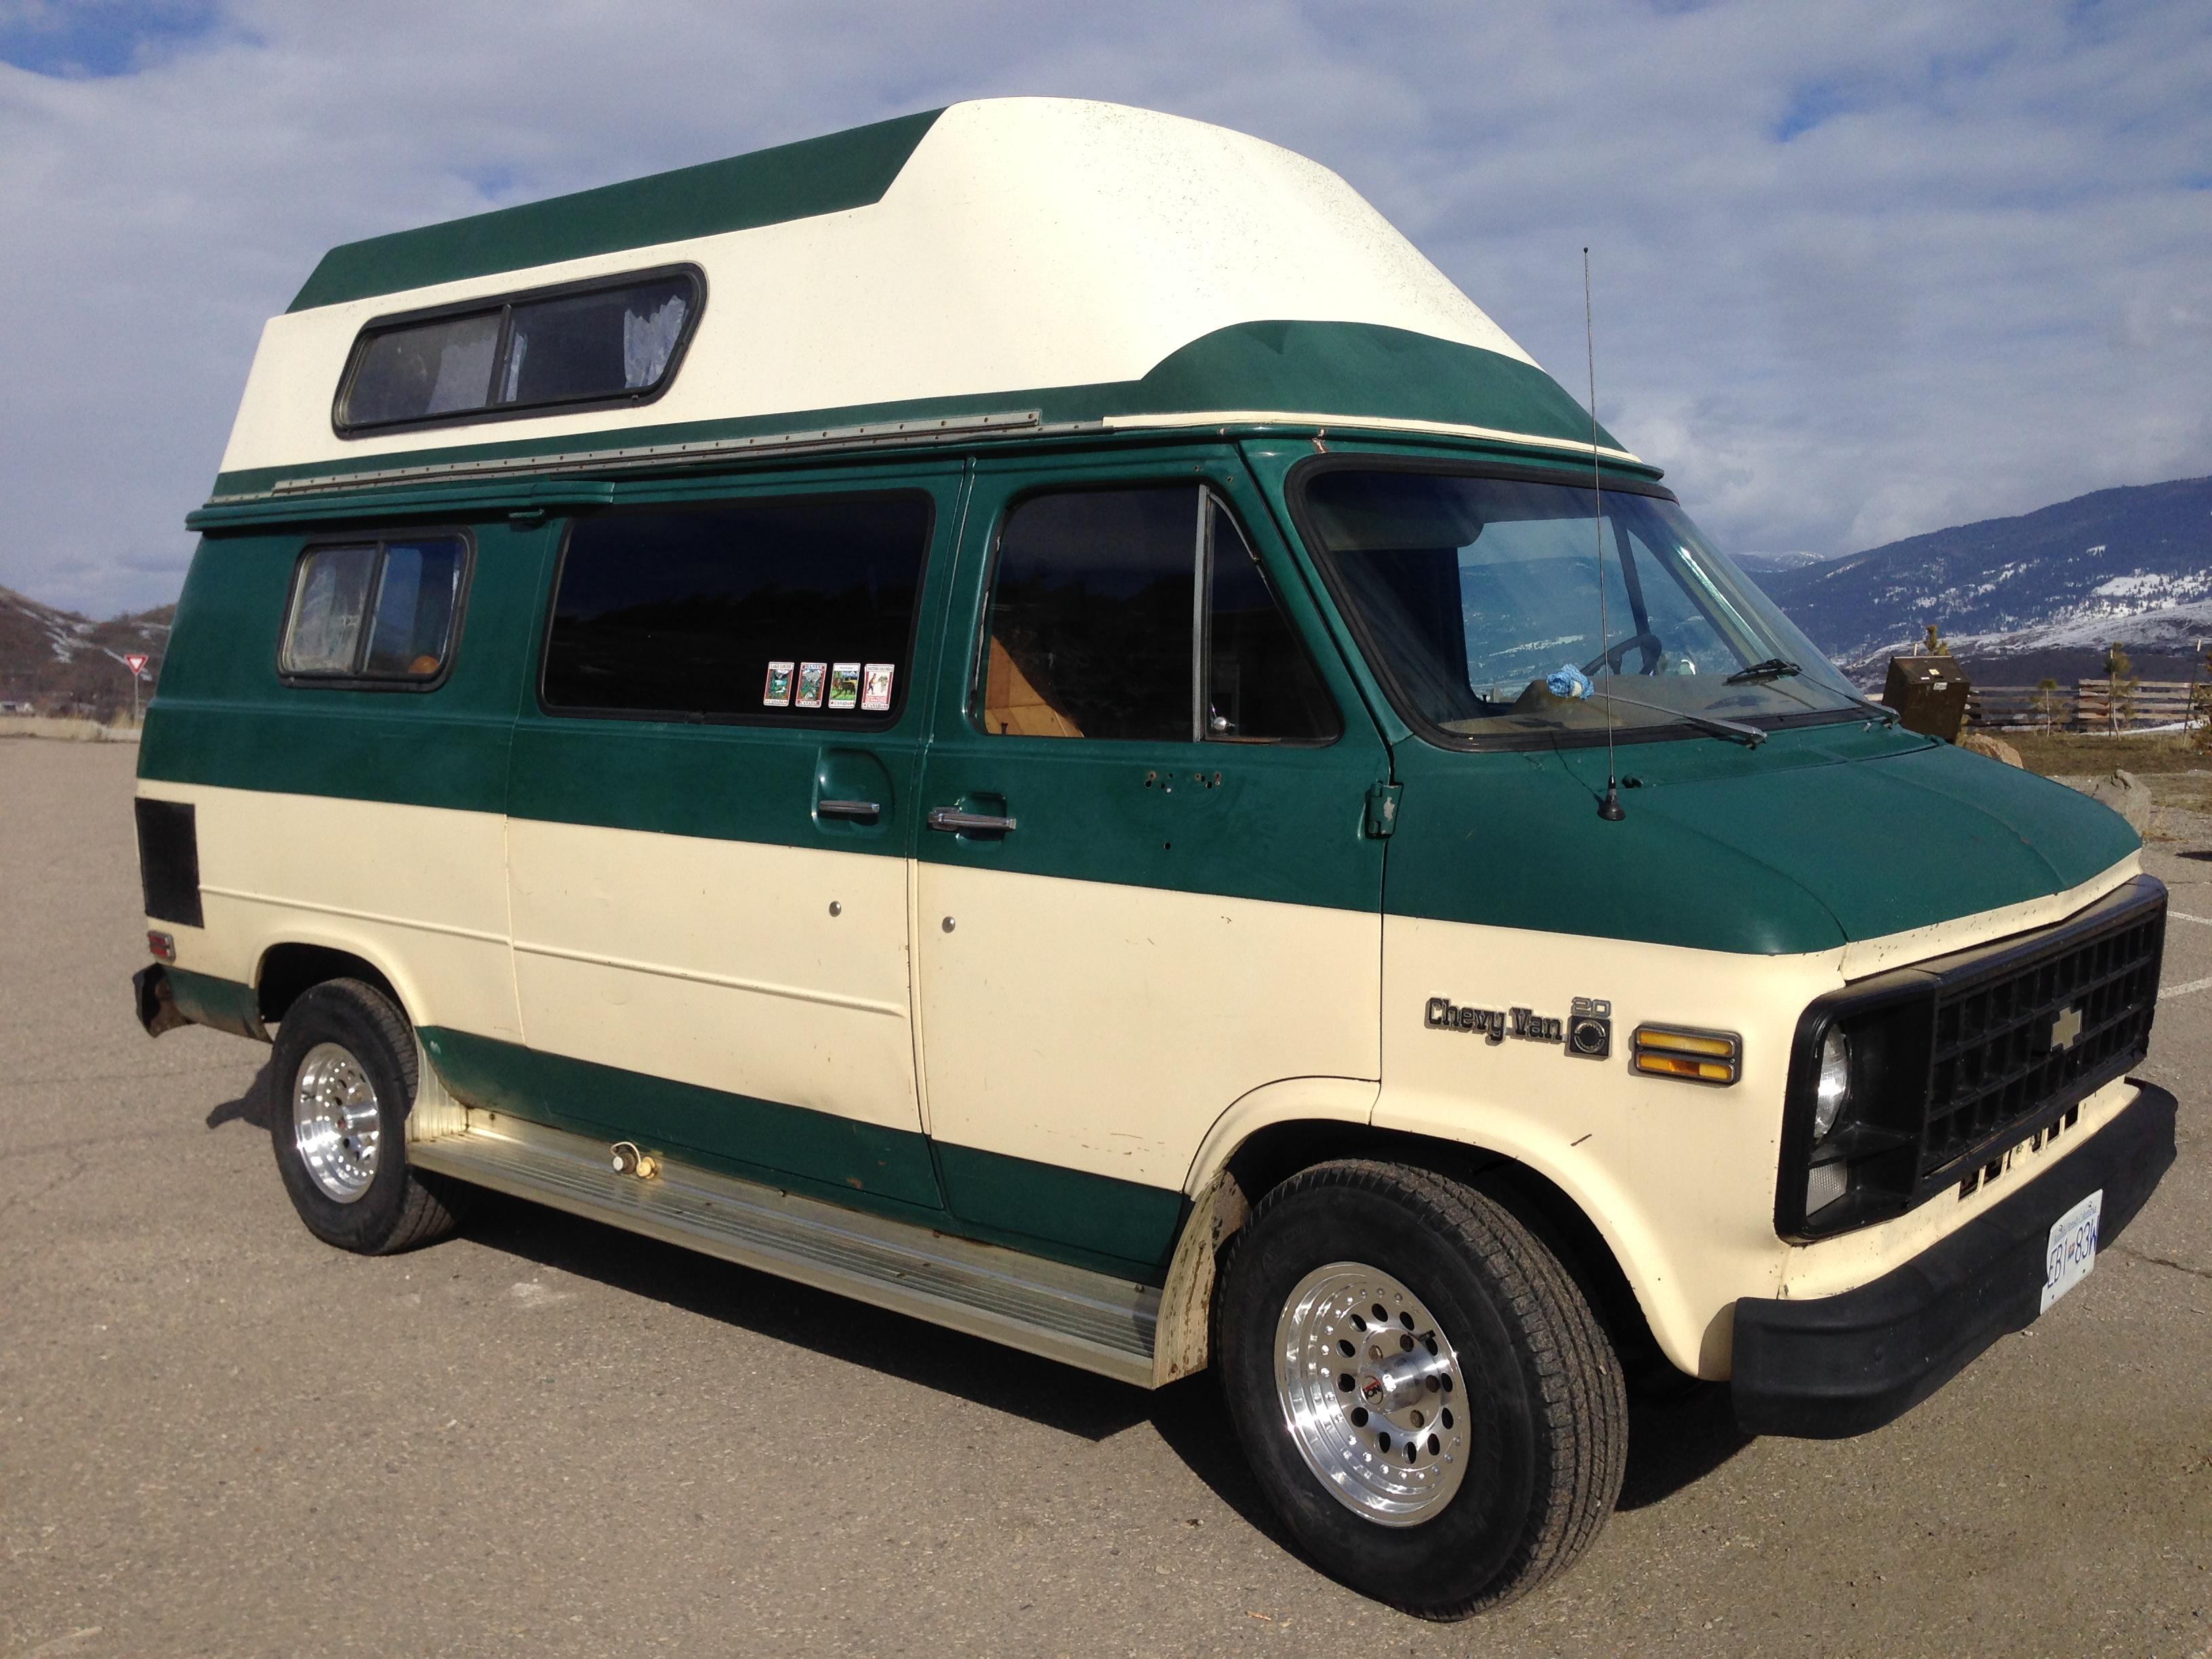 1980 R V C Chevrolet Camper Van Rental In Vernon Bc Outdoorsy